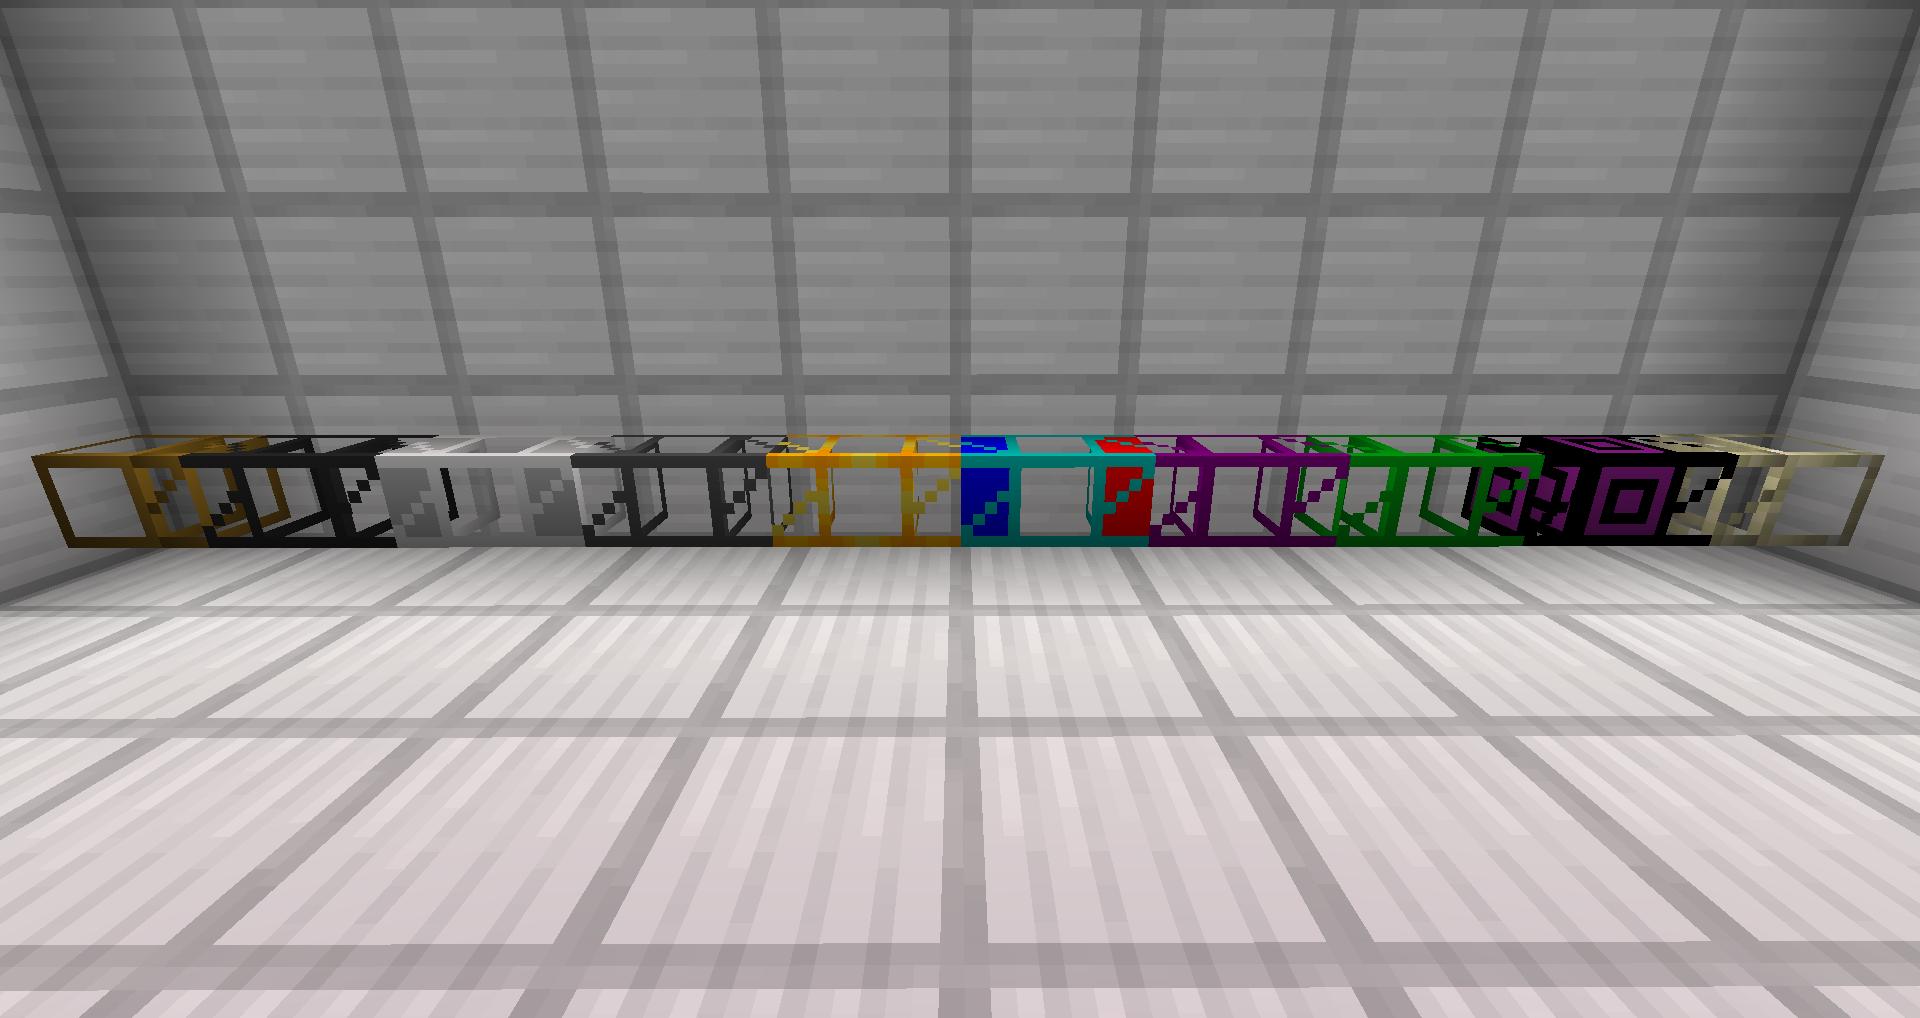 Pipes | Minecraft buildcraft Wiki | FANDOM powered by Wikia